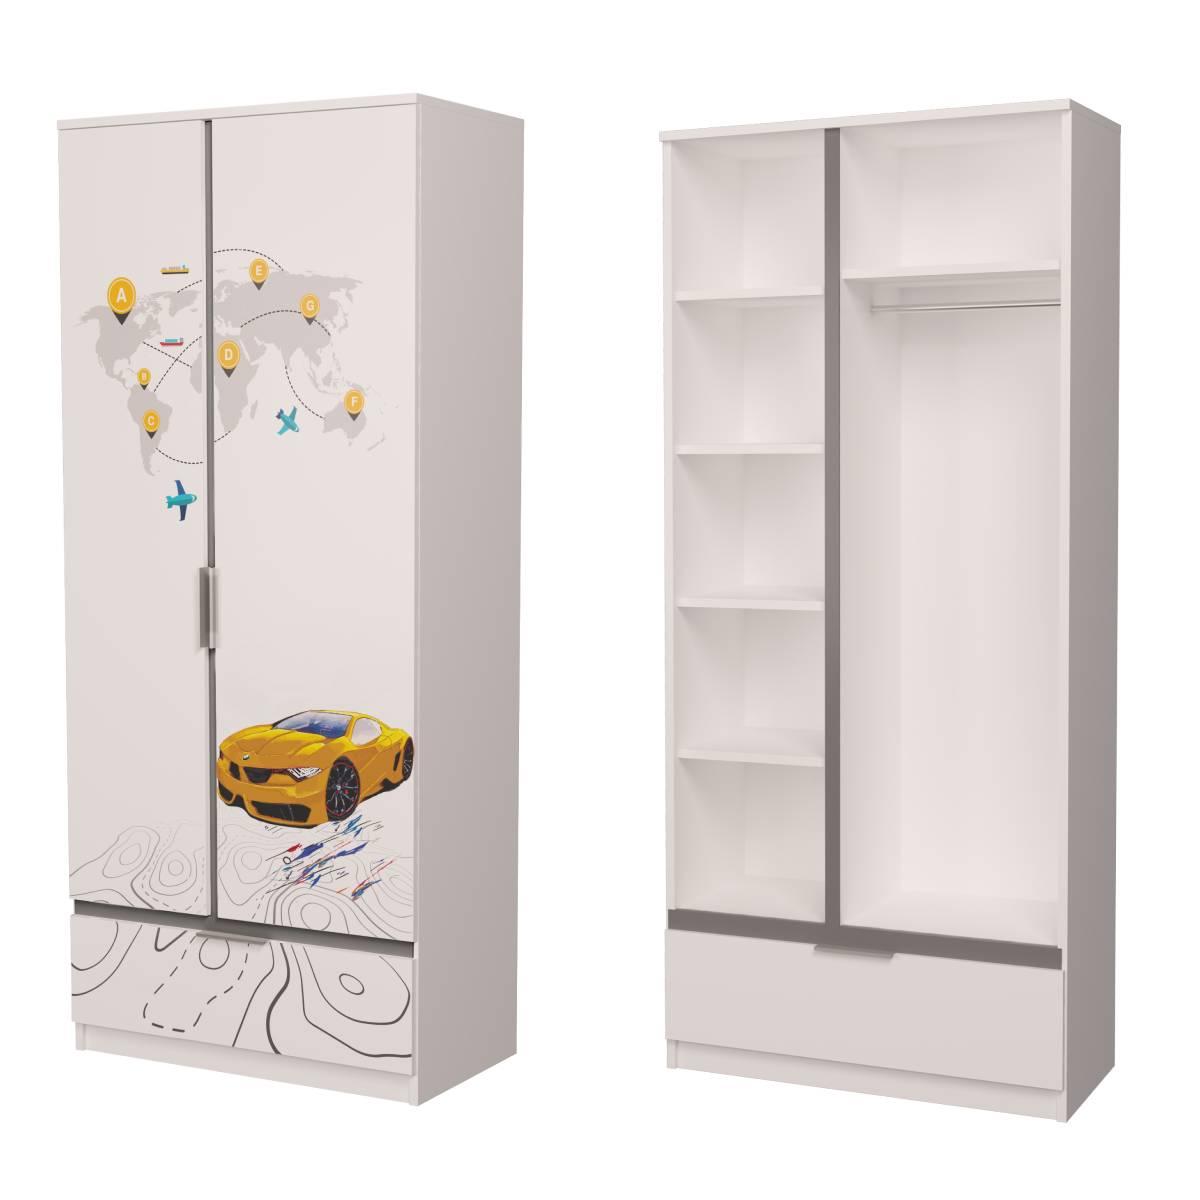 Детский шкаф бмв желтый с серым